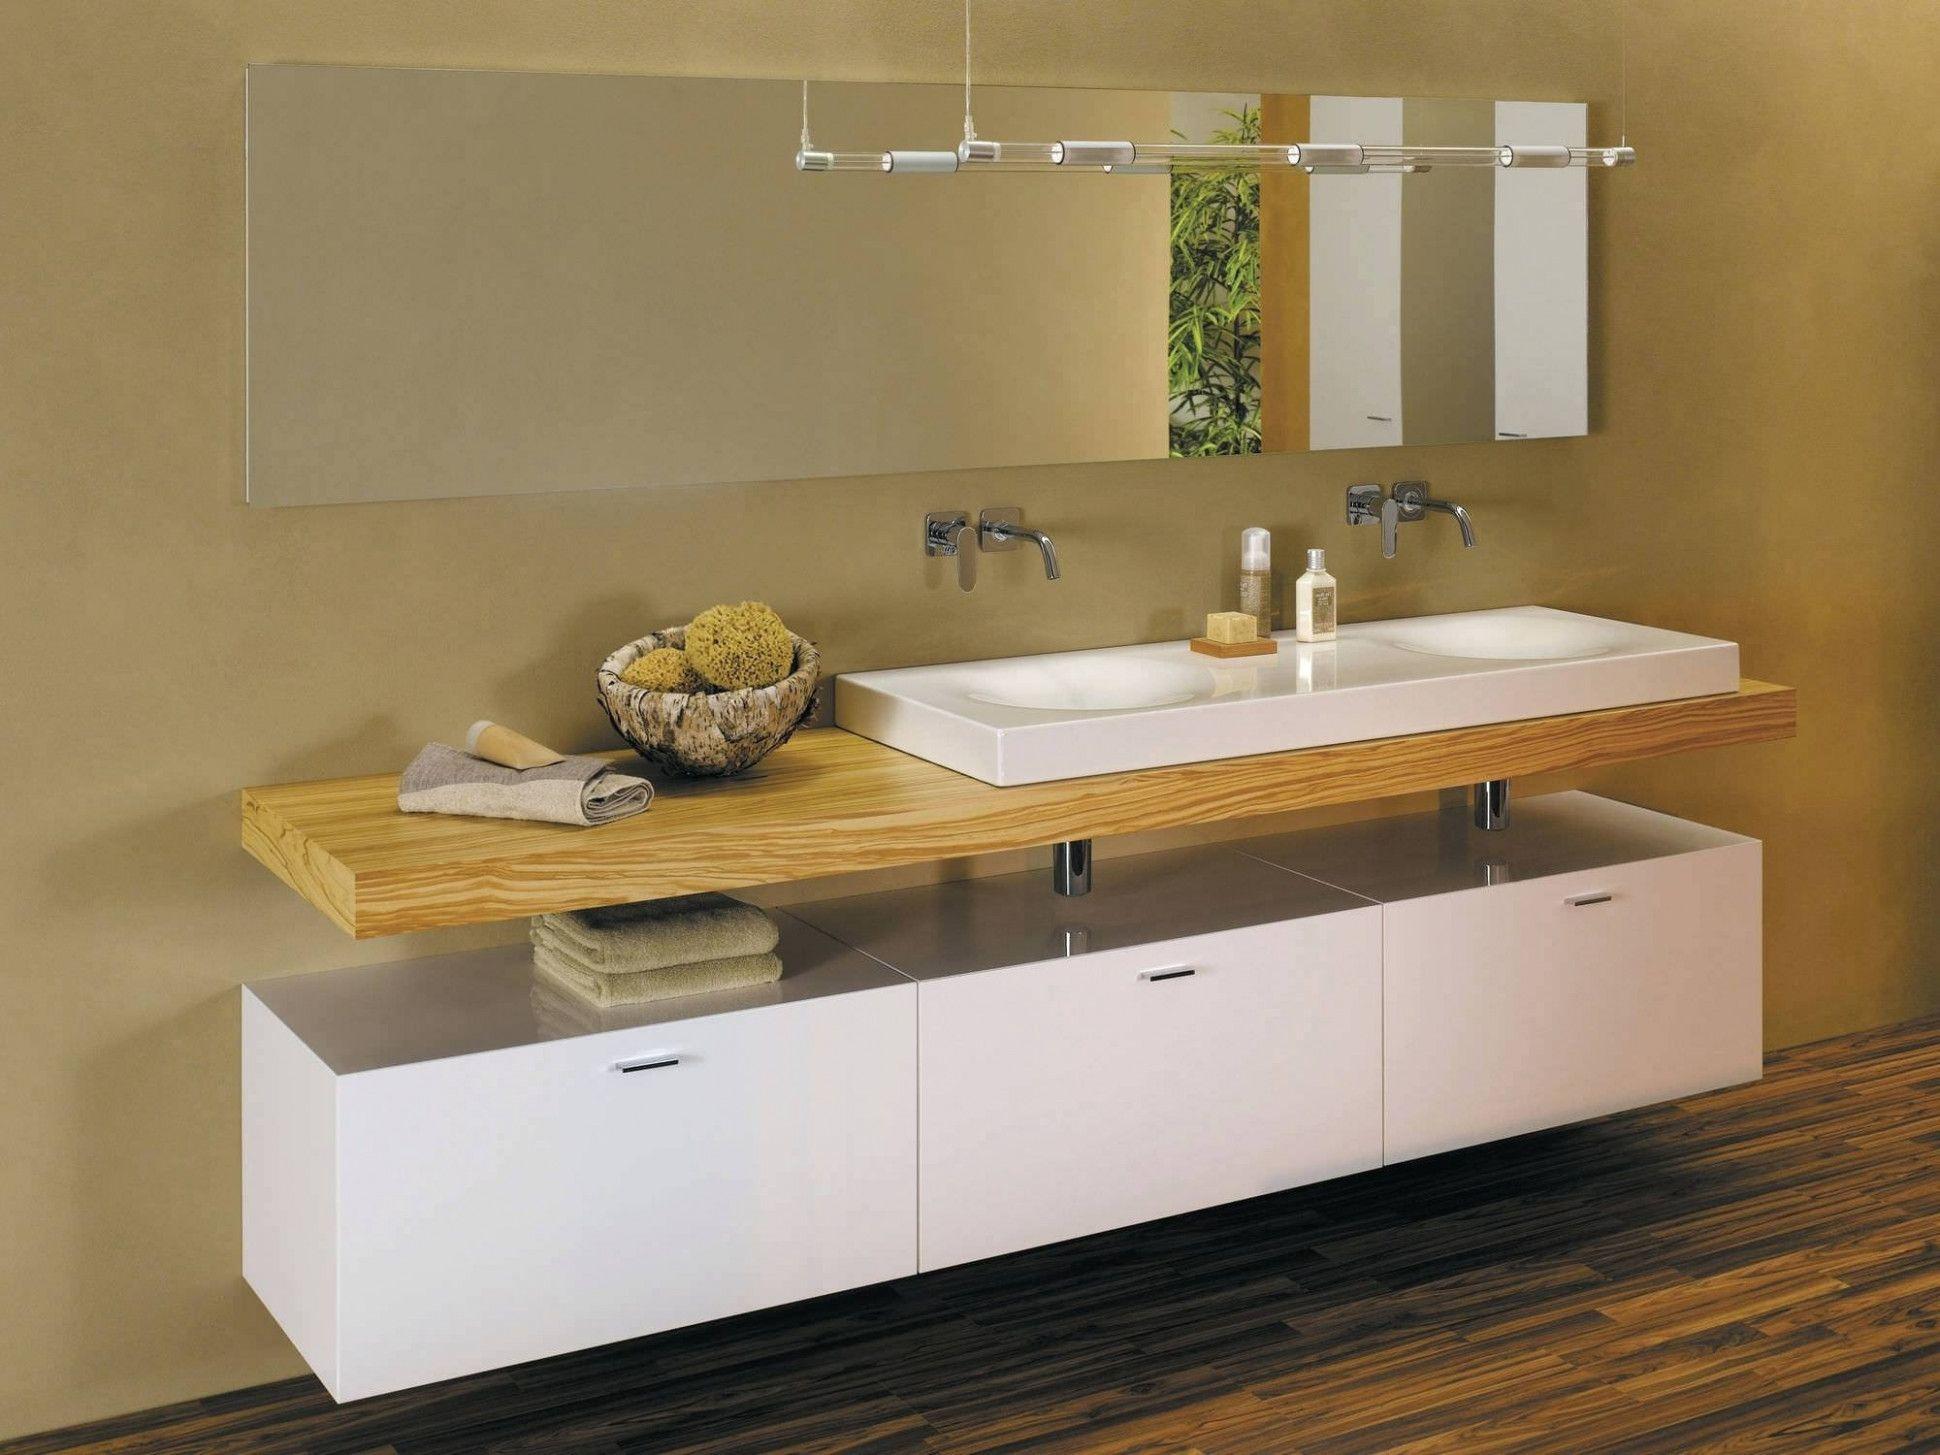 17 Ideen Fur Die Organisation Ihres Eigenen Badezimmers Unterschrank Holz De Badezimmer Unterschrank Holz Badezimmer Unterschrank Schone Schlafzimmer